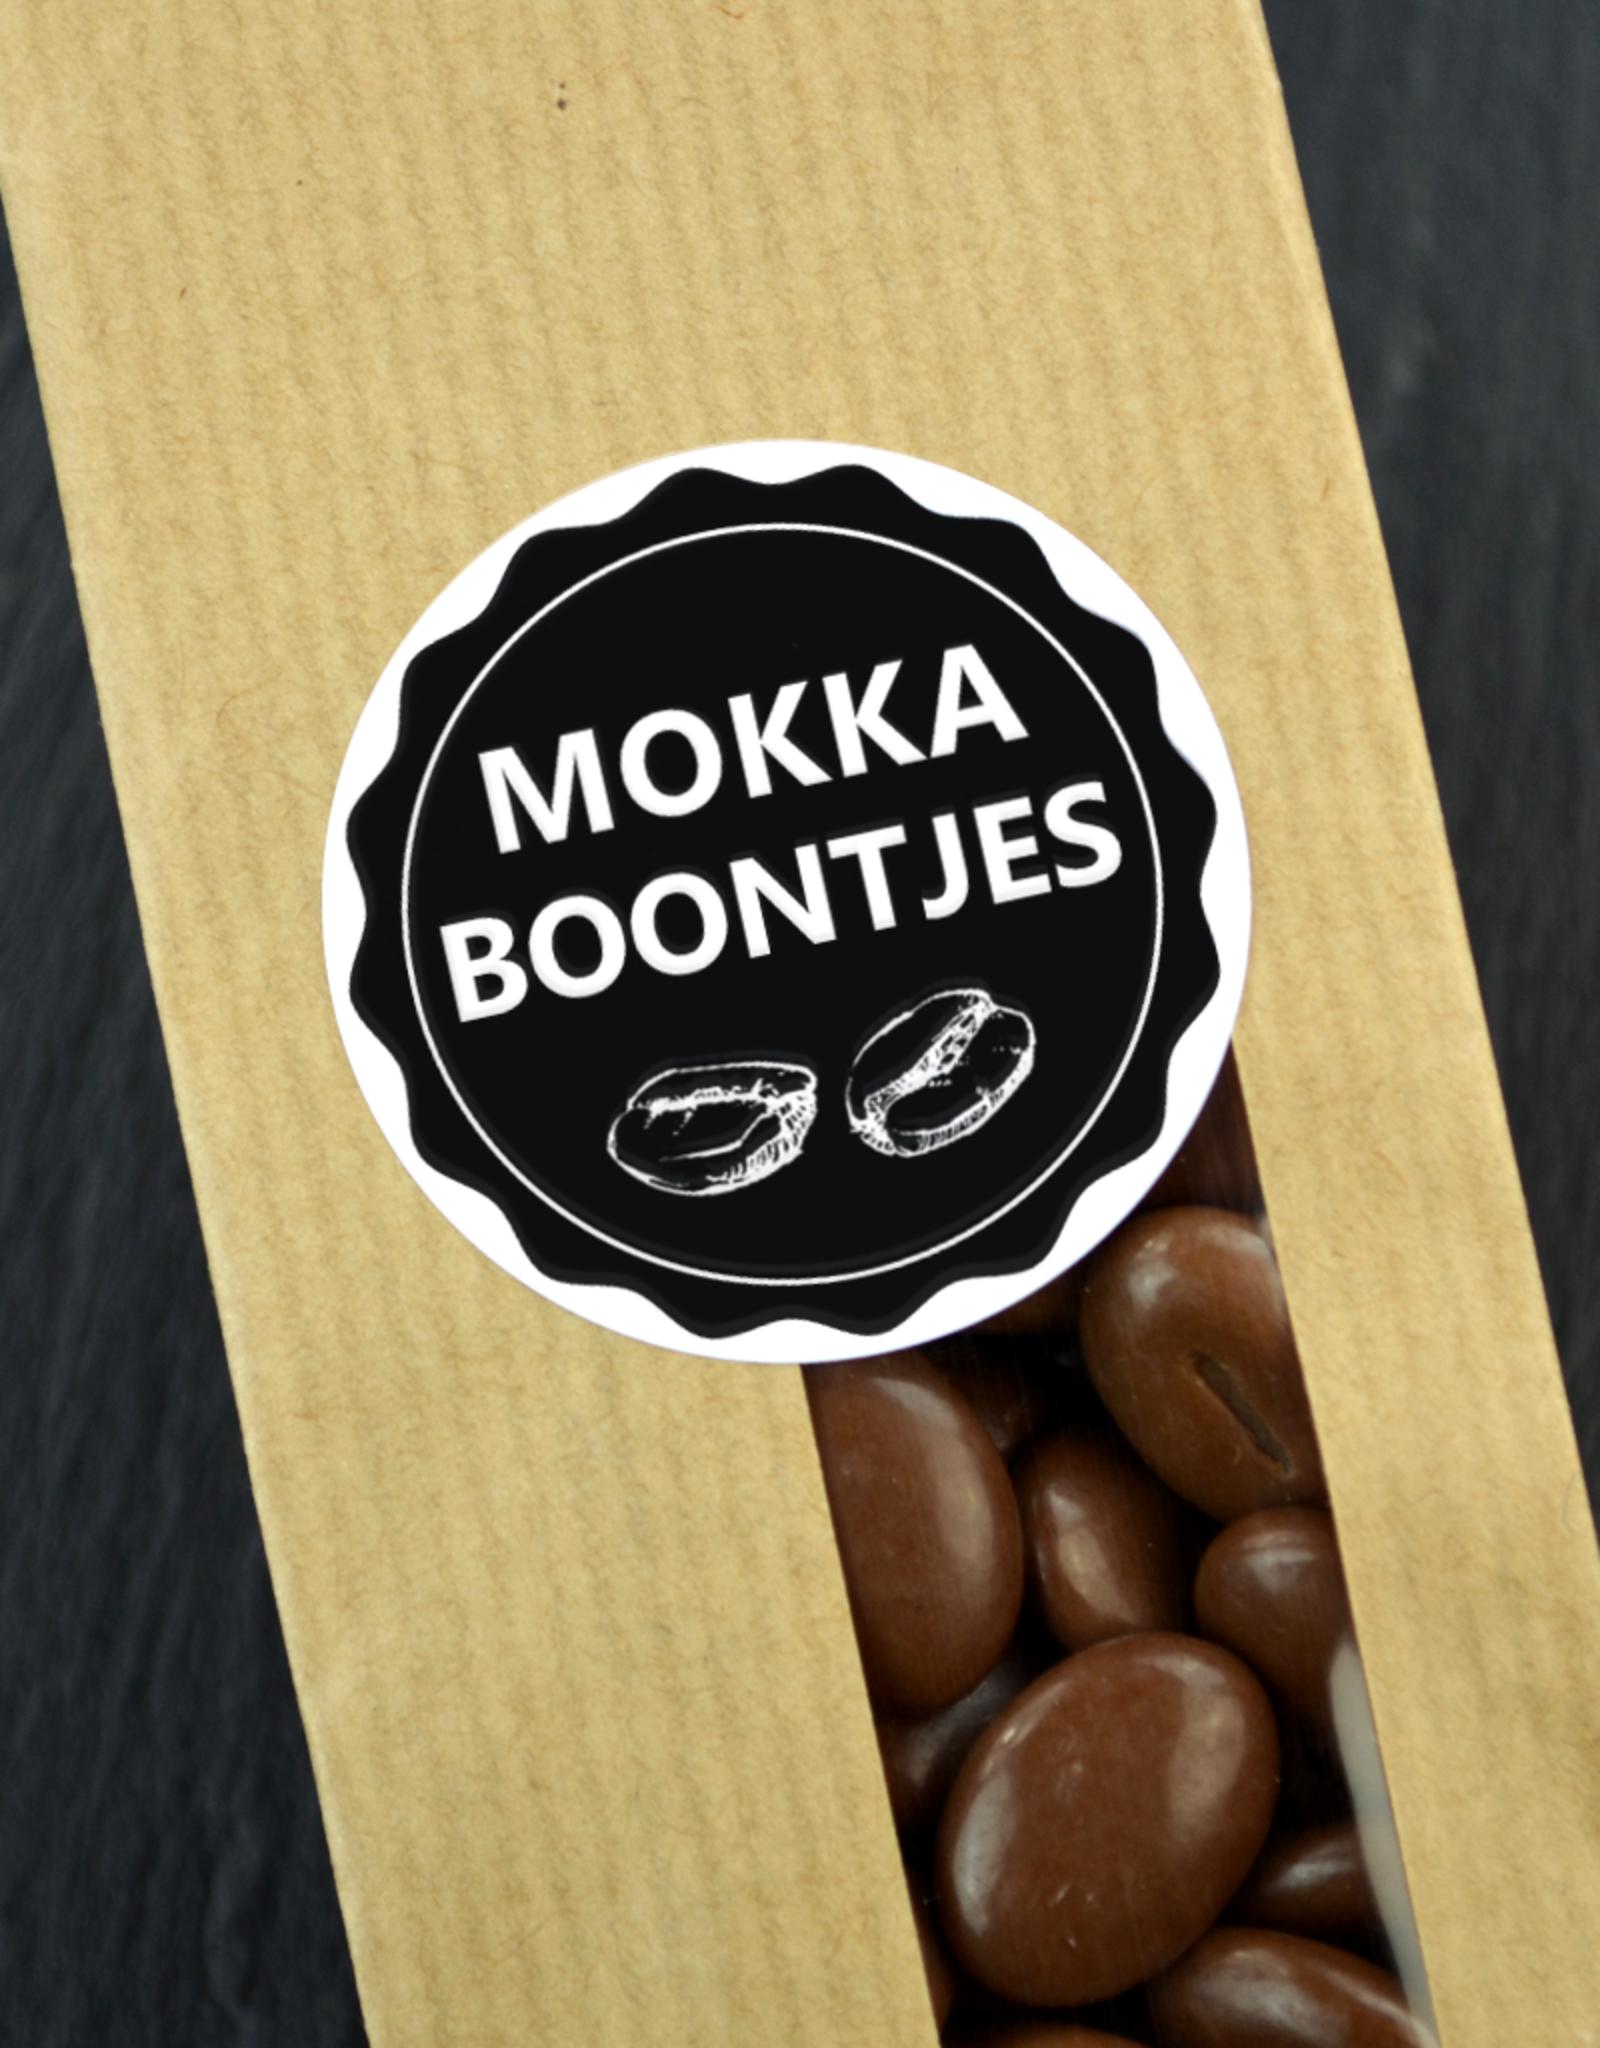 Mokka Boontjes van melk chocola - de echte